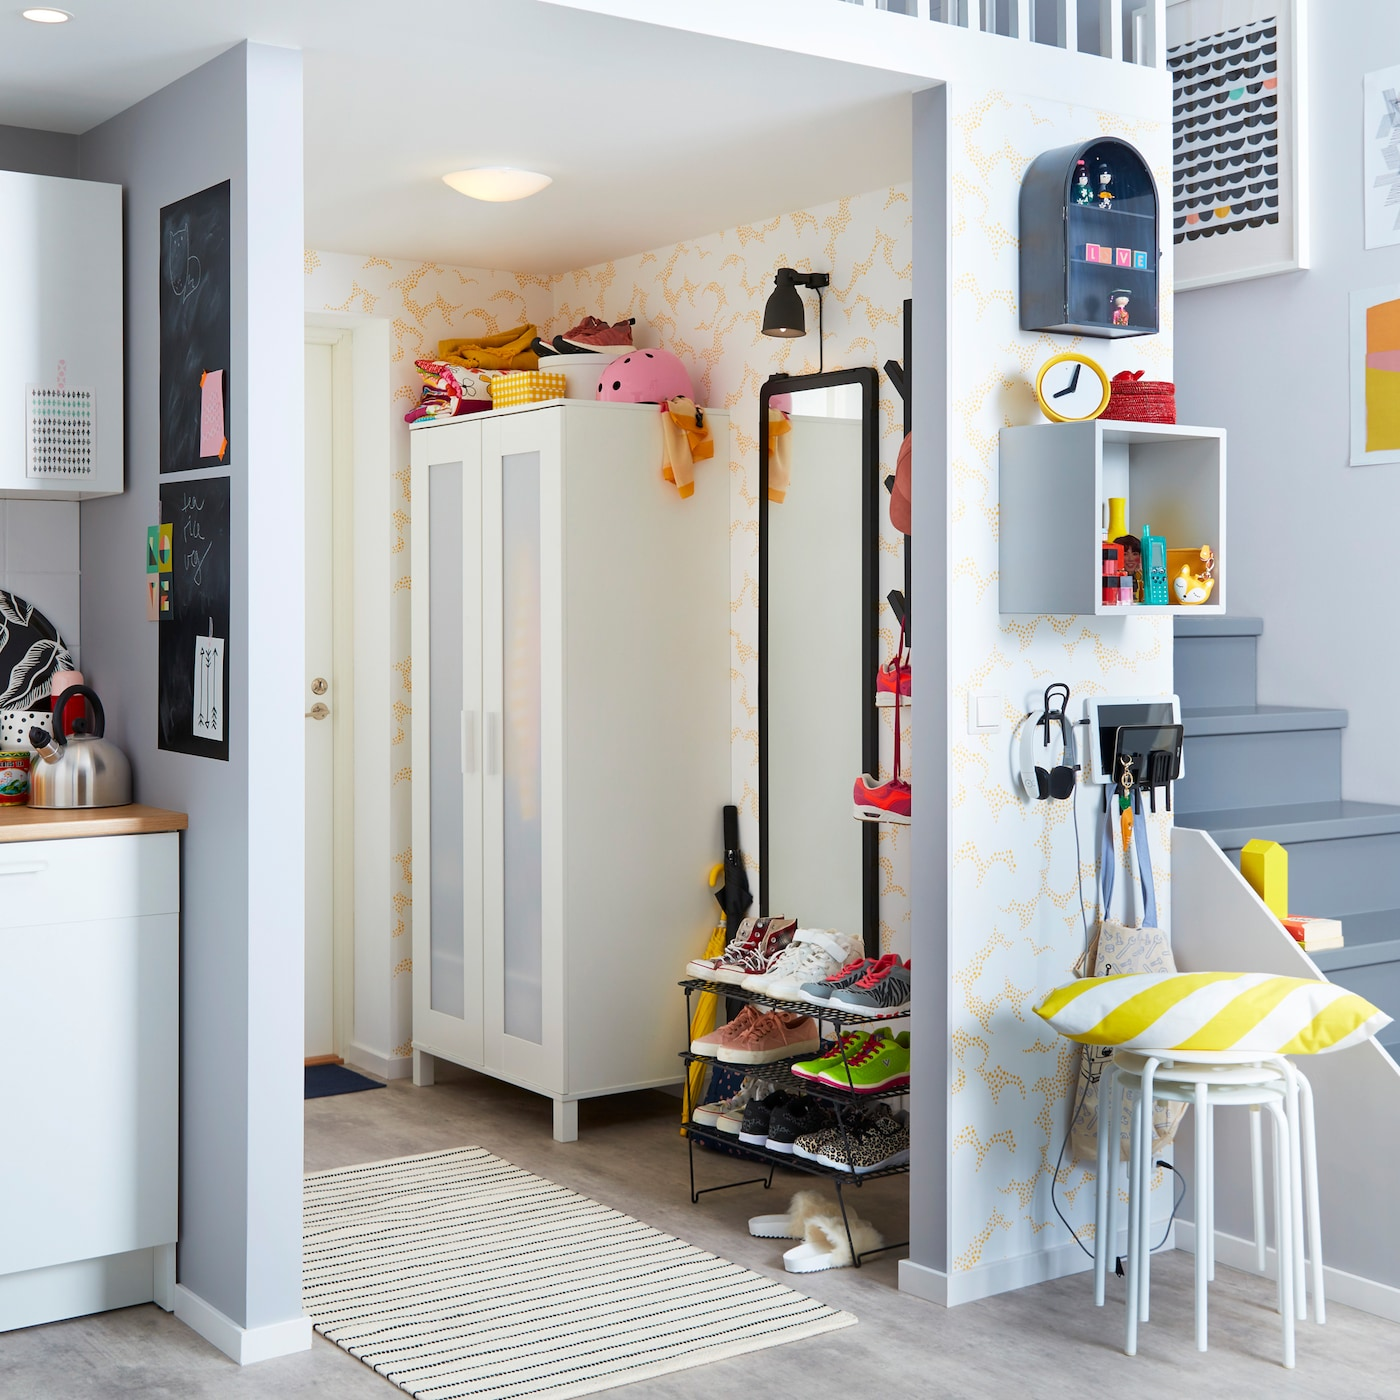 宜家 GREJIG 格雷伊格 黑色网格鞋架与白色 ANABODA 小型衣柜适用于小型空间,帮你打造整洁紧凑的小门厅。